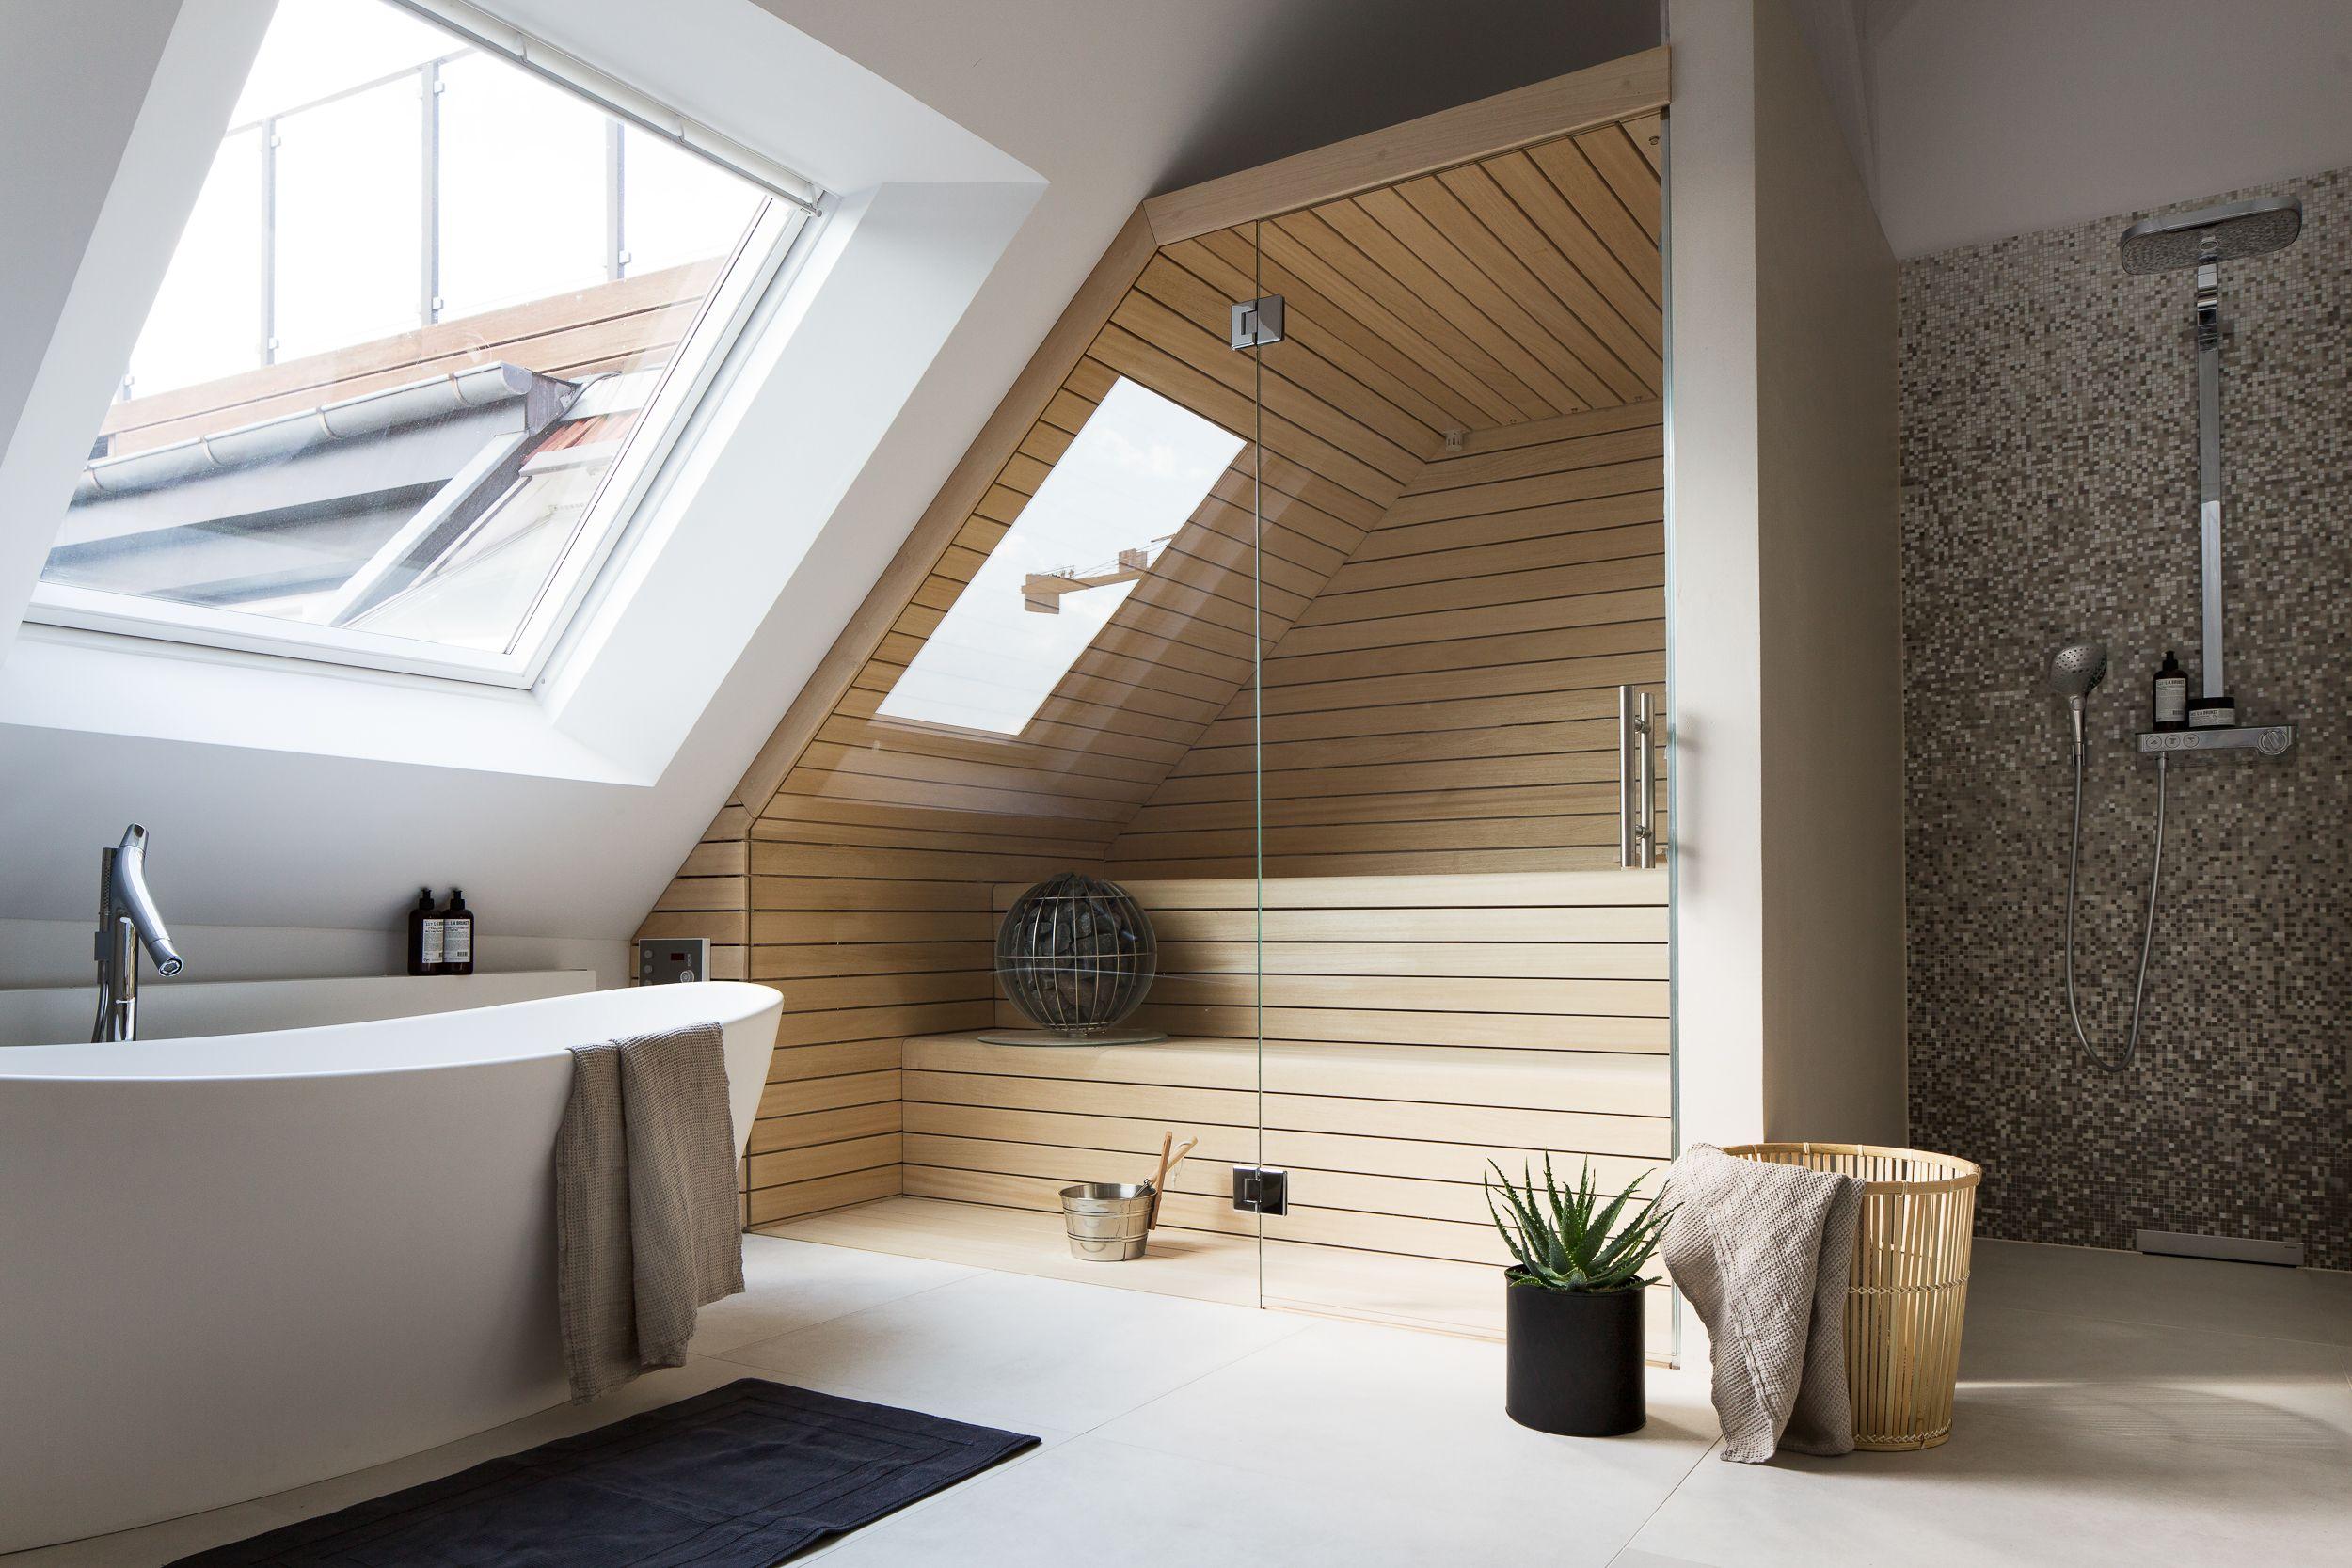 Sauna Berlin penthouse Charlottenburg interiordesign deco Clausewitzstrasse 3   Fantastic Frank ähnliche tolle Projekte und Ideen wie im Bild vorgestellt findest du auch in unserem Magazin . Wir freuen uns auf deinen Besuch. Liebe Grüß